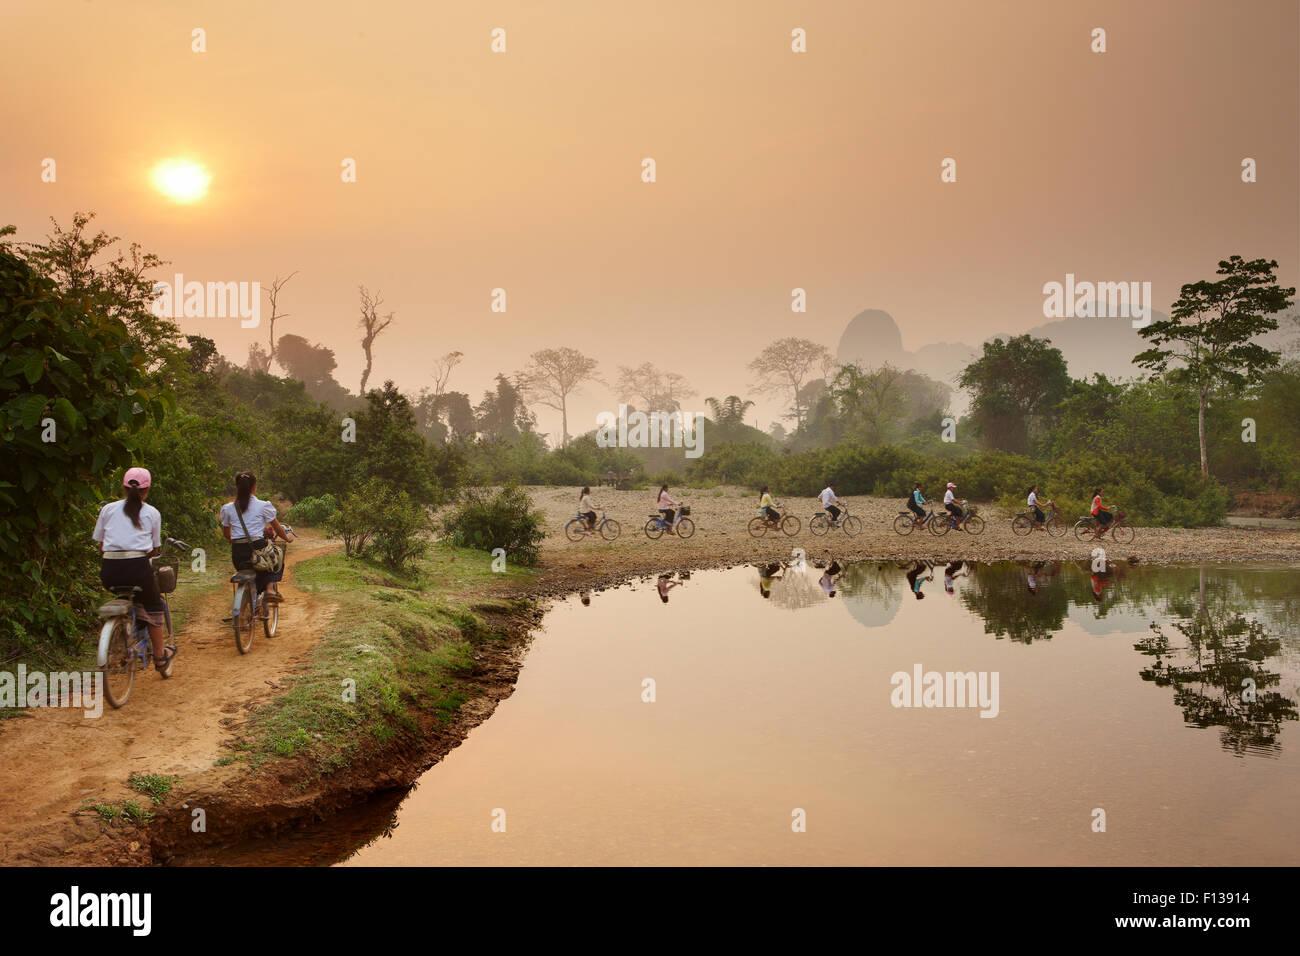 Cyclists riding bikes along riverside path at dawn, near Vang Vieng, Laos, March 2009. - Stock Image